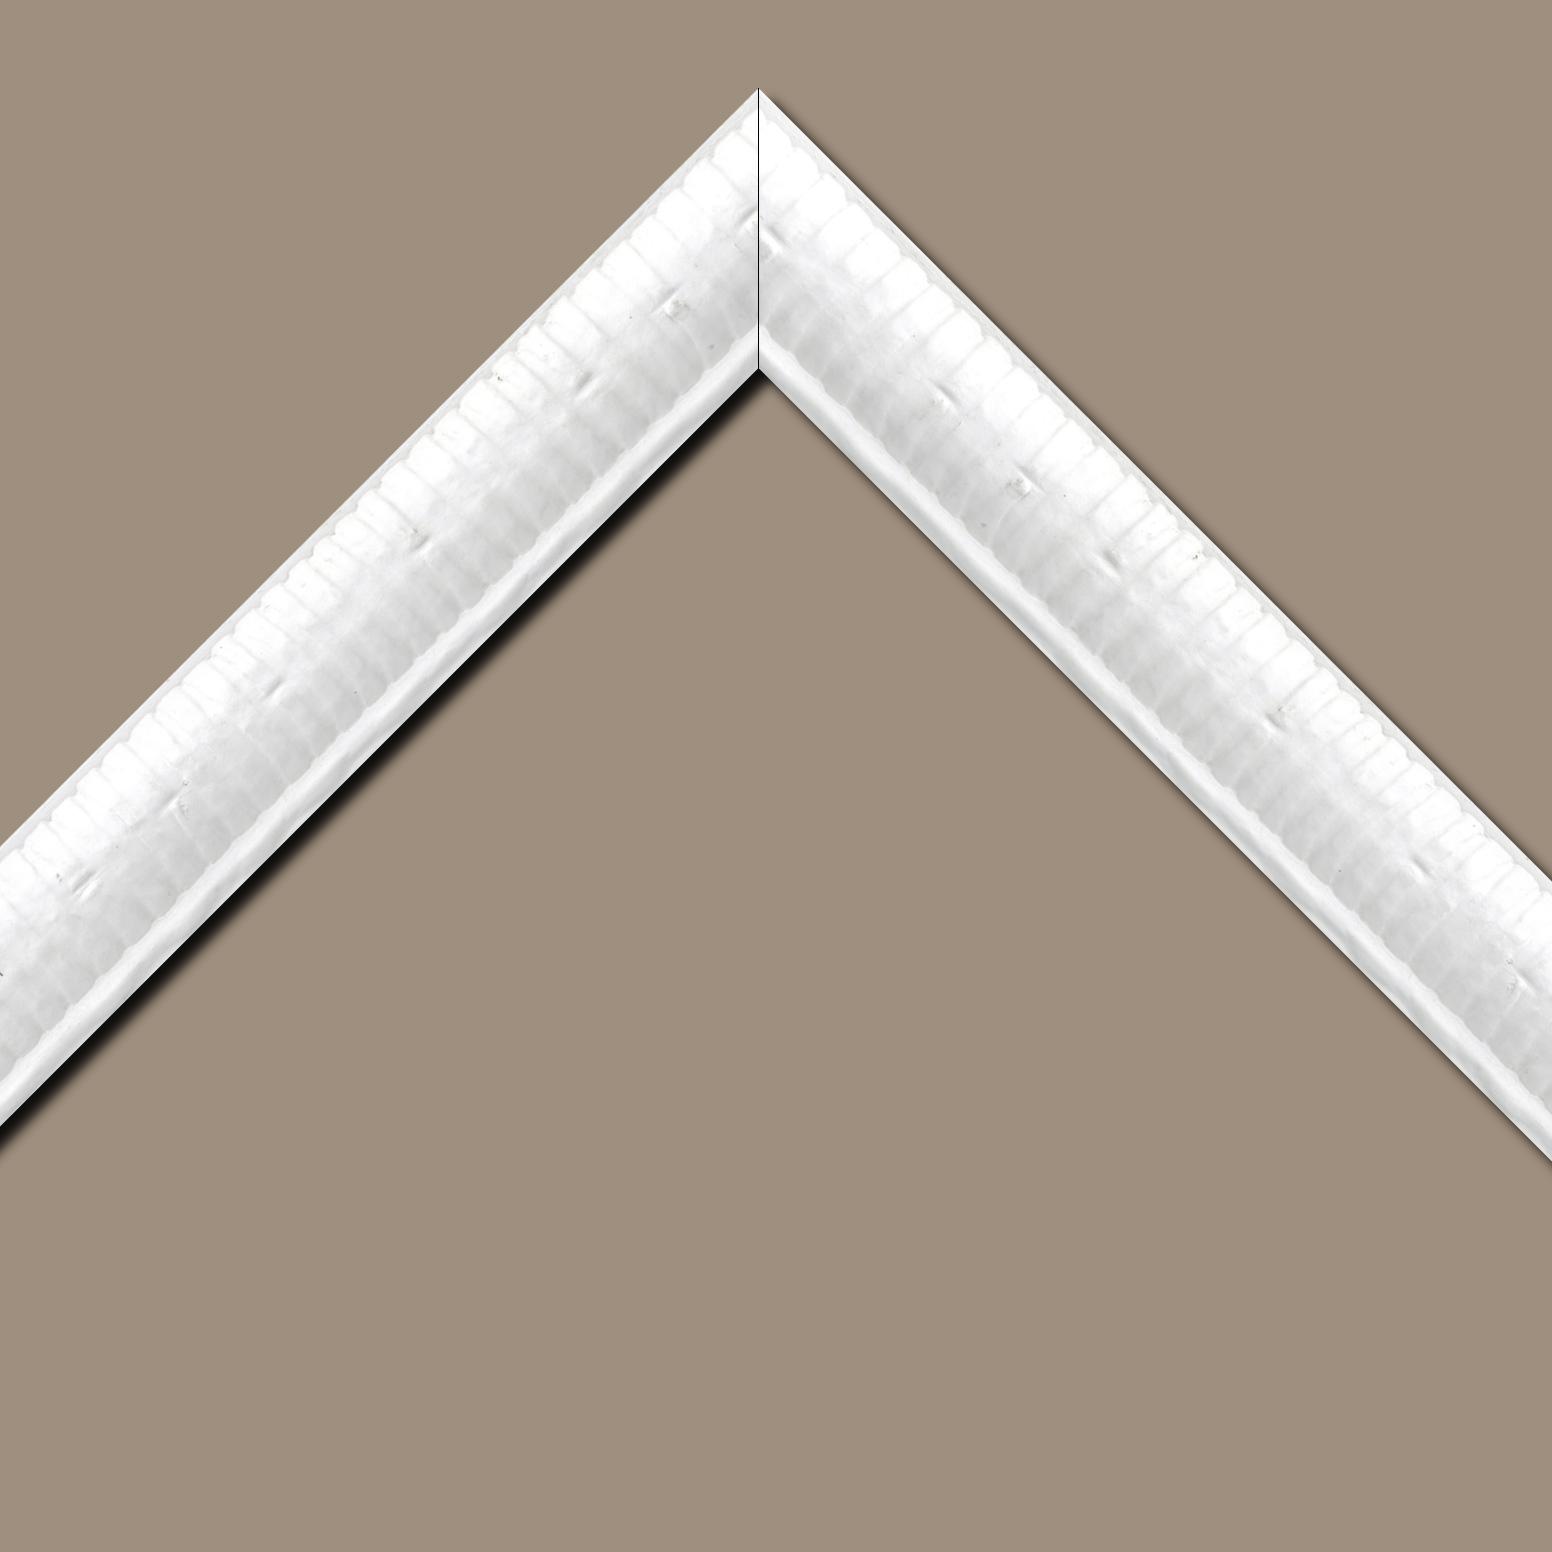 Baguette bois profil arrondi largeur 4.8cm couleur blanc satiné décor bambou